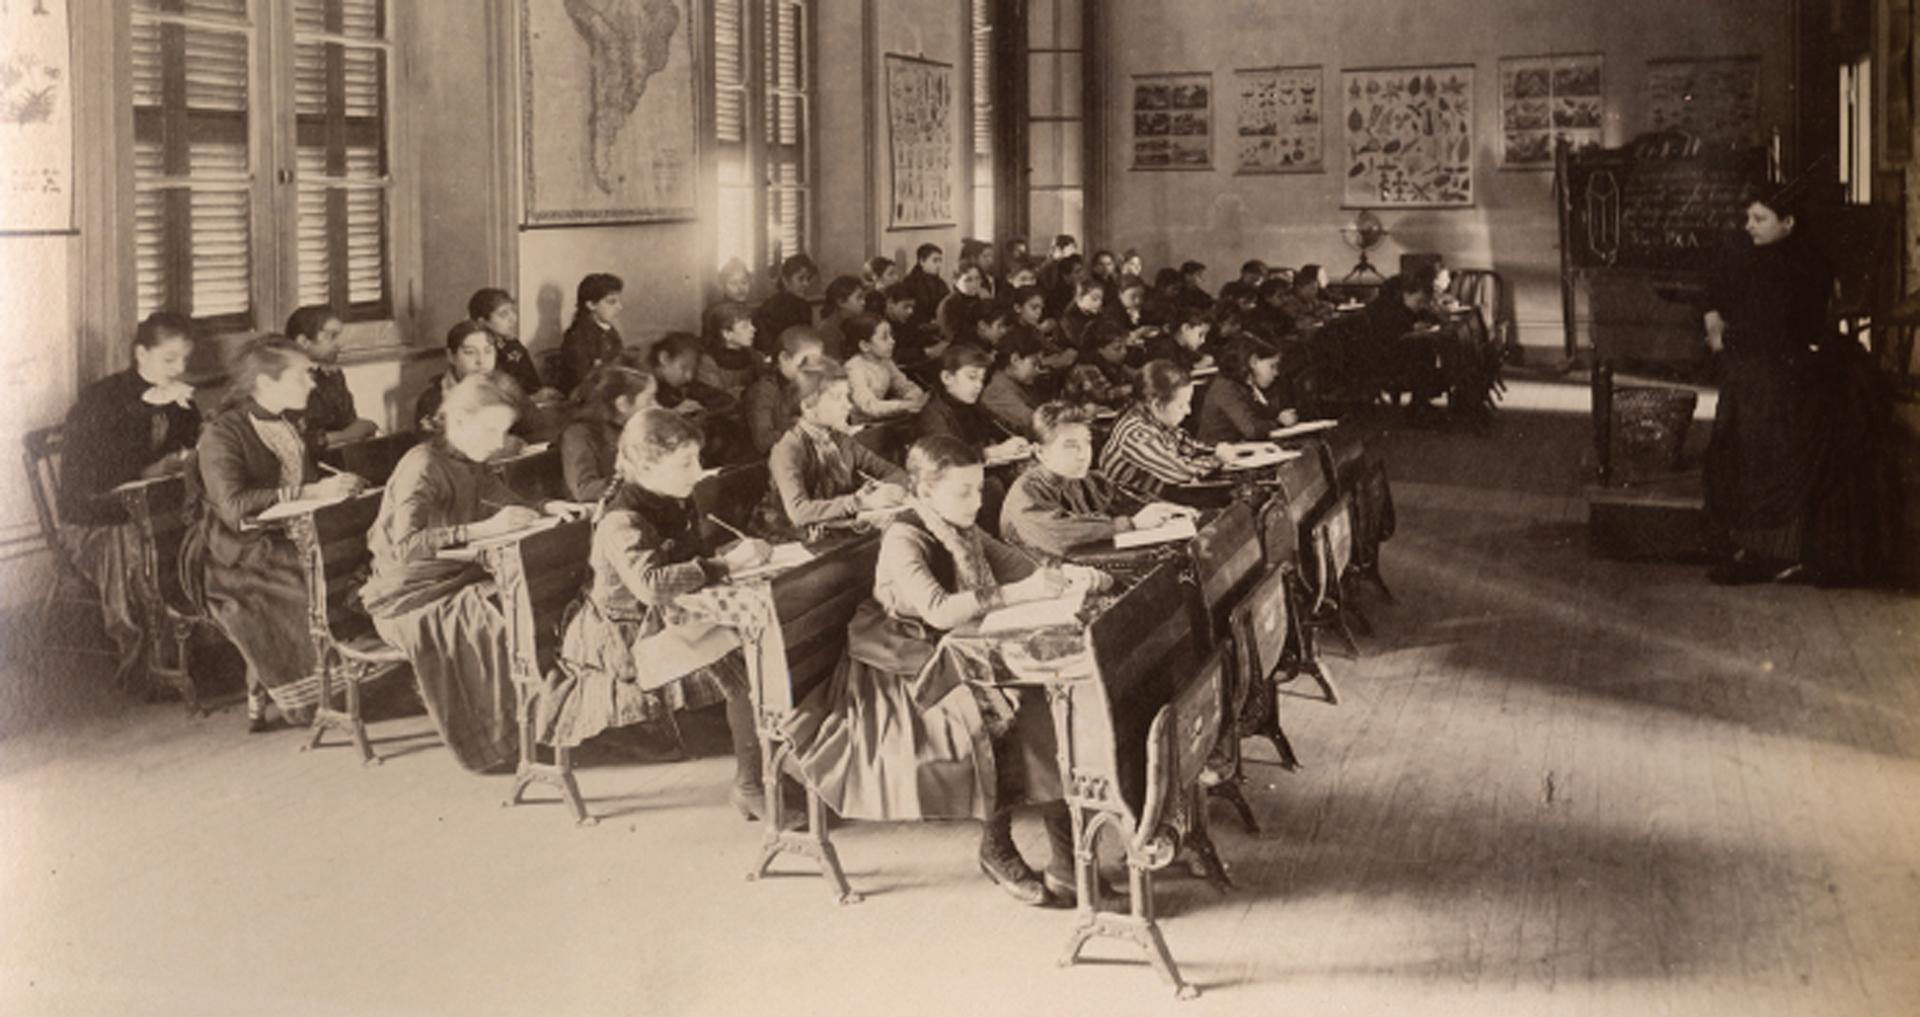 El Museo Histórico Sarmiento presenta su exposición temporal un objetivo compartido… La Educación